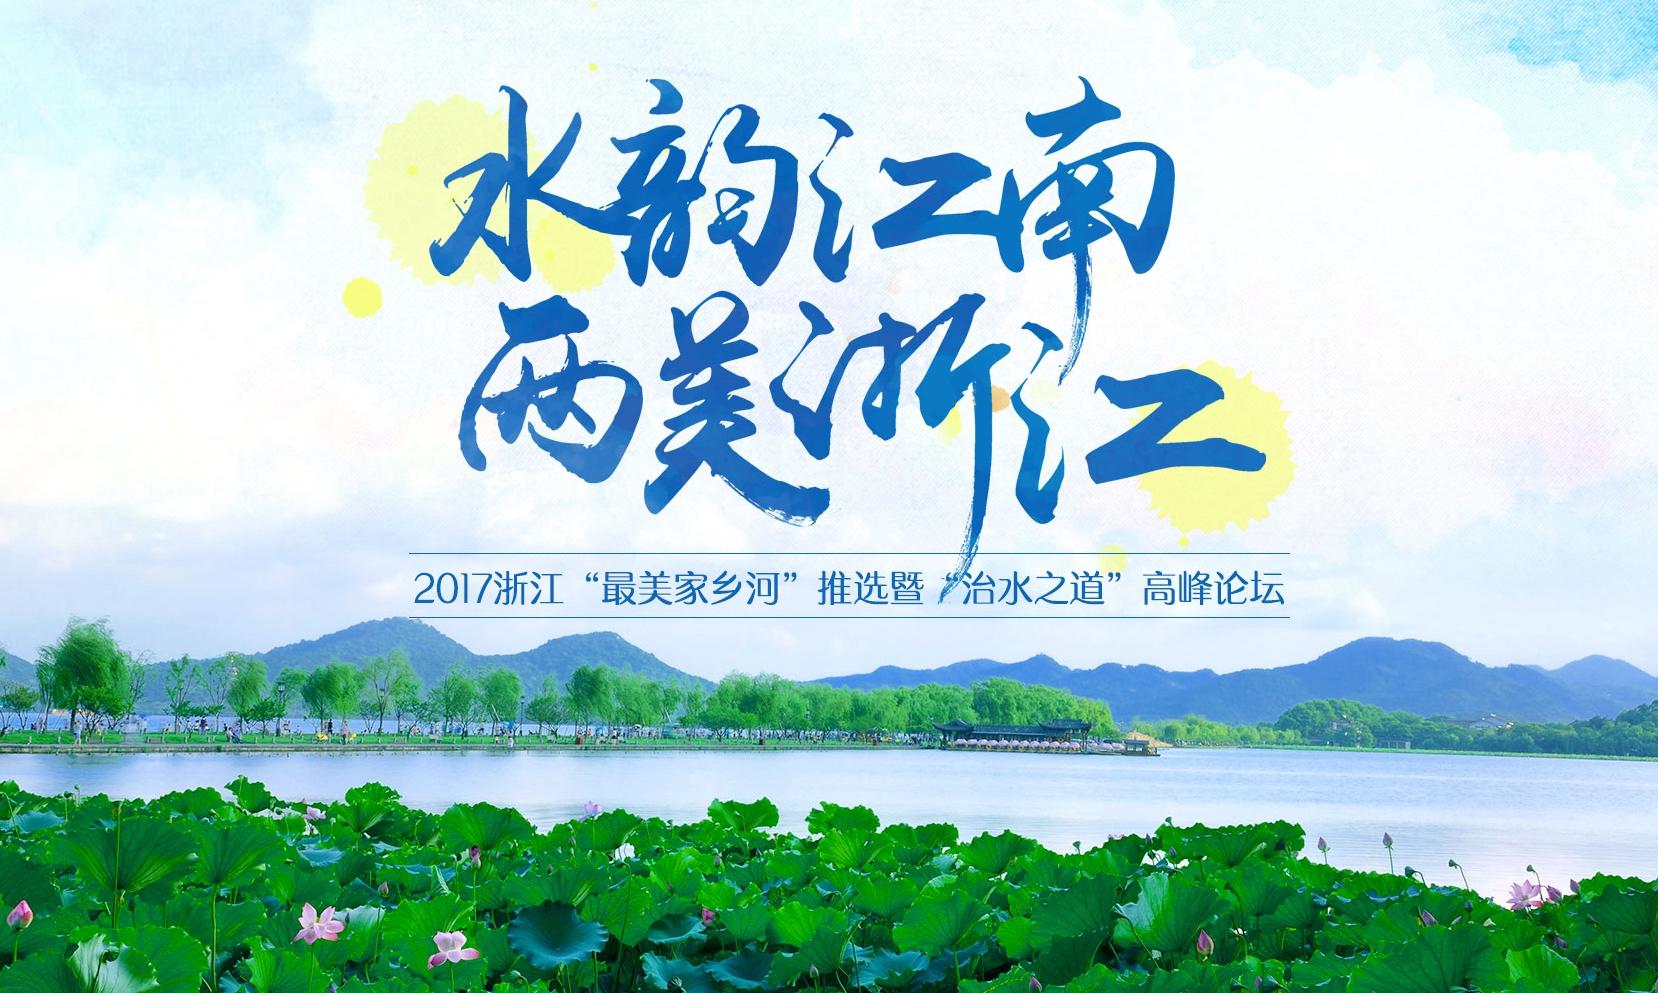 """""""水韵江南 两美浙江"""" ——寻找浙江""""最美家乡河"""""""